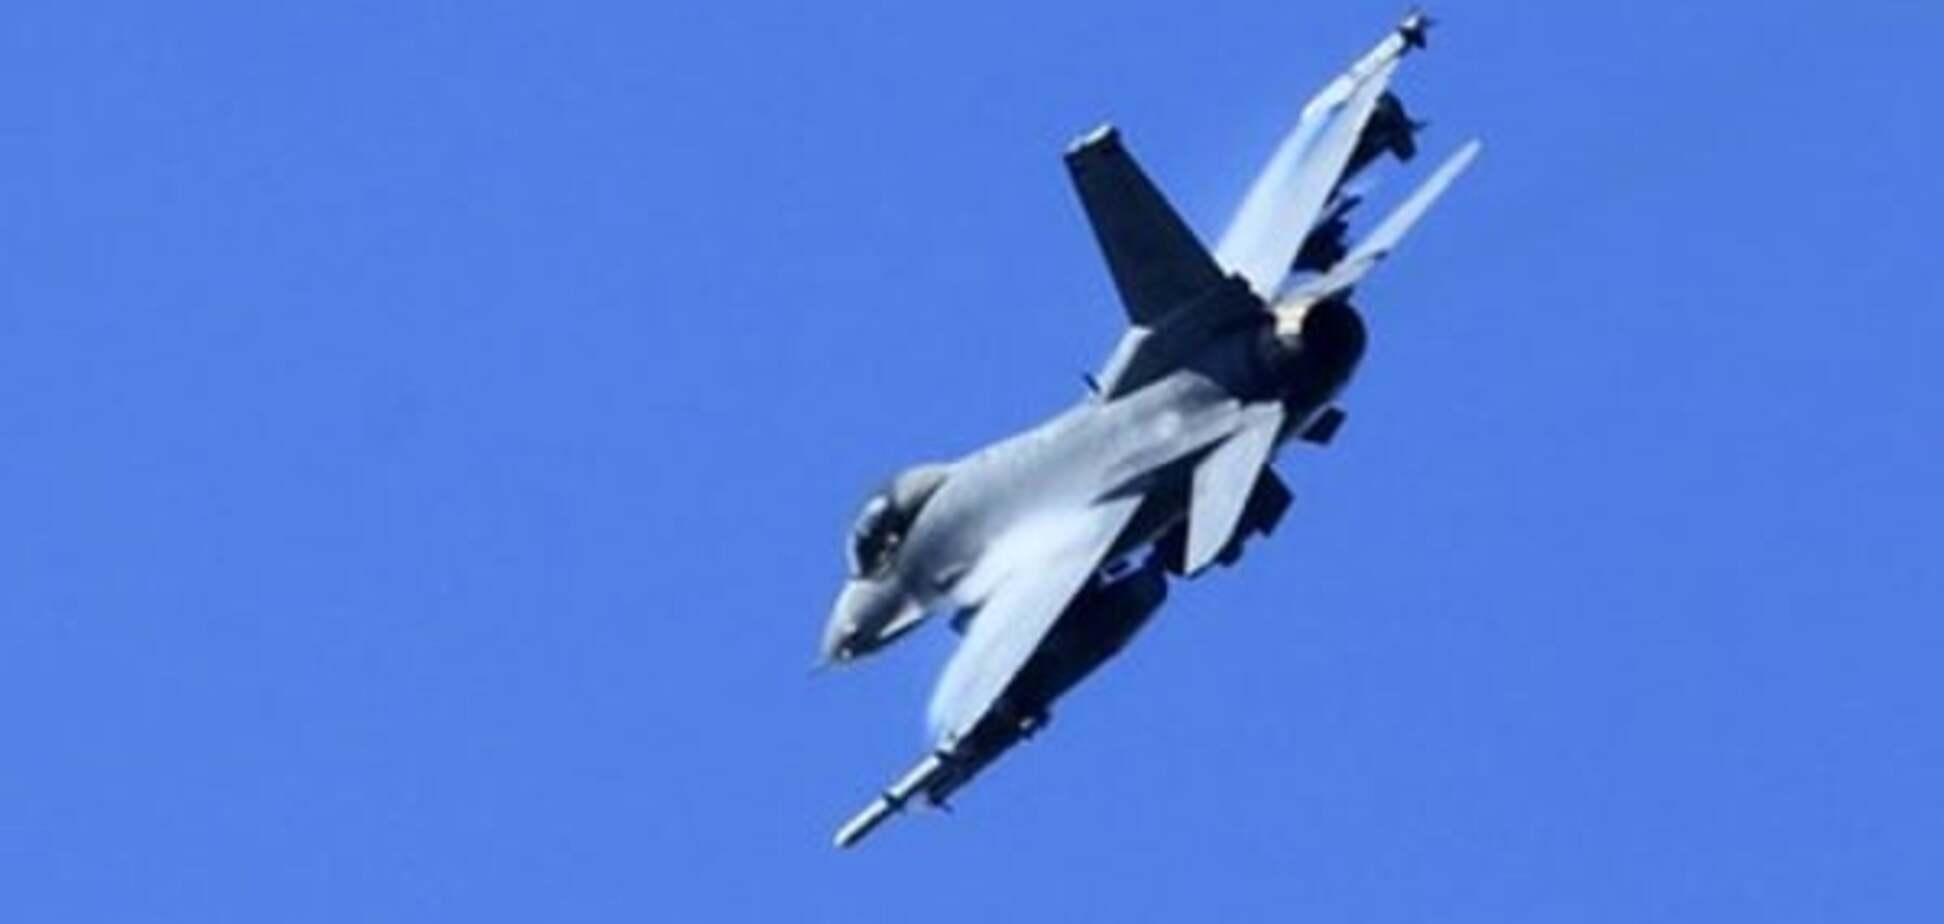 Сбитый российский самолет проигнорировал 10 предупреждений